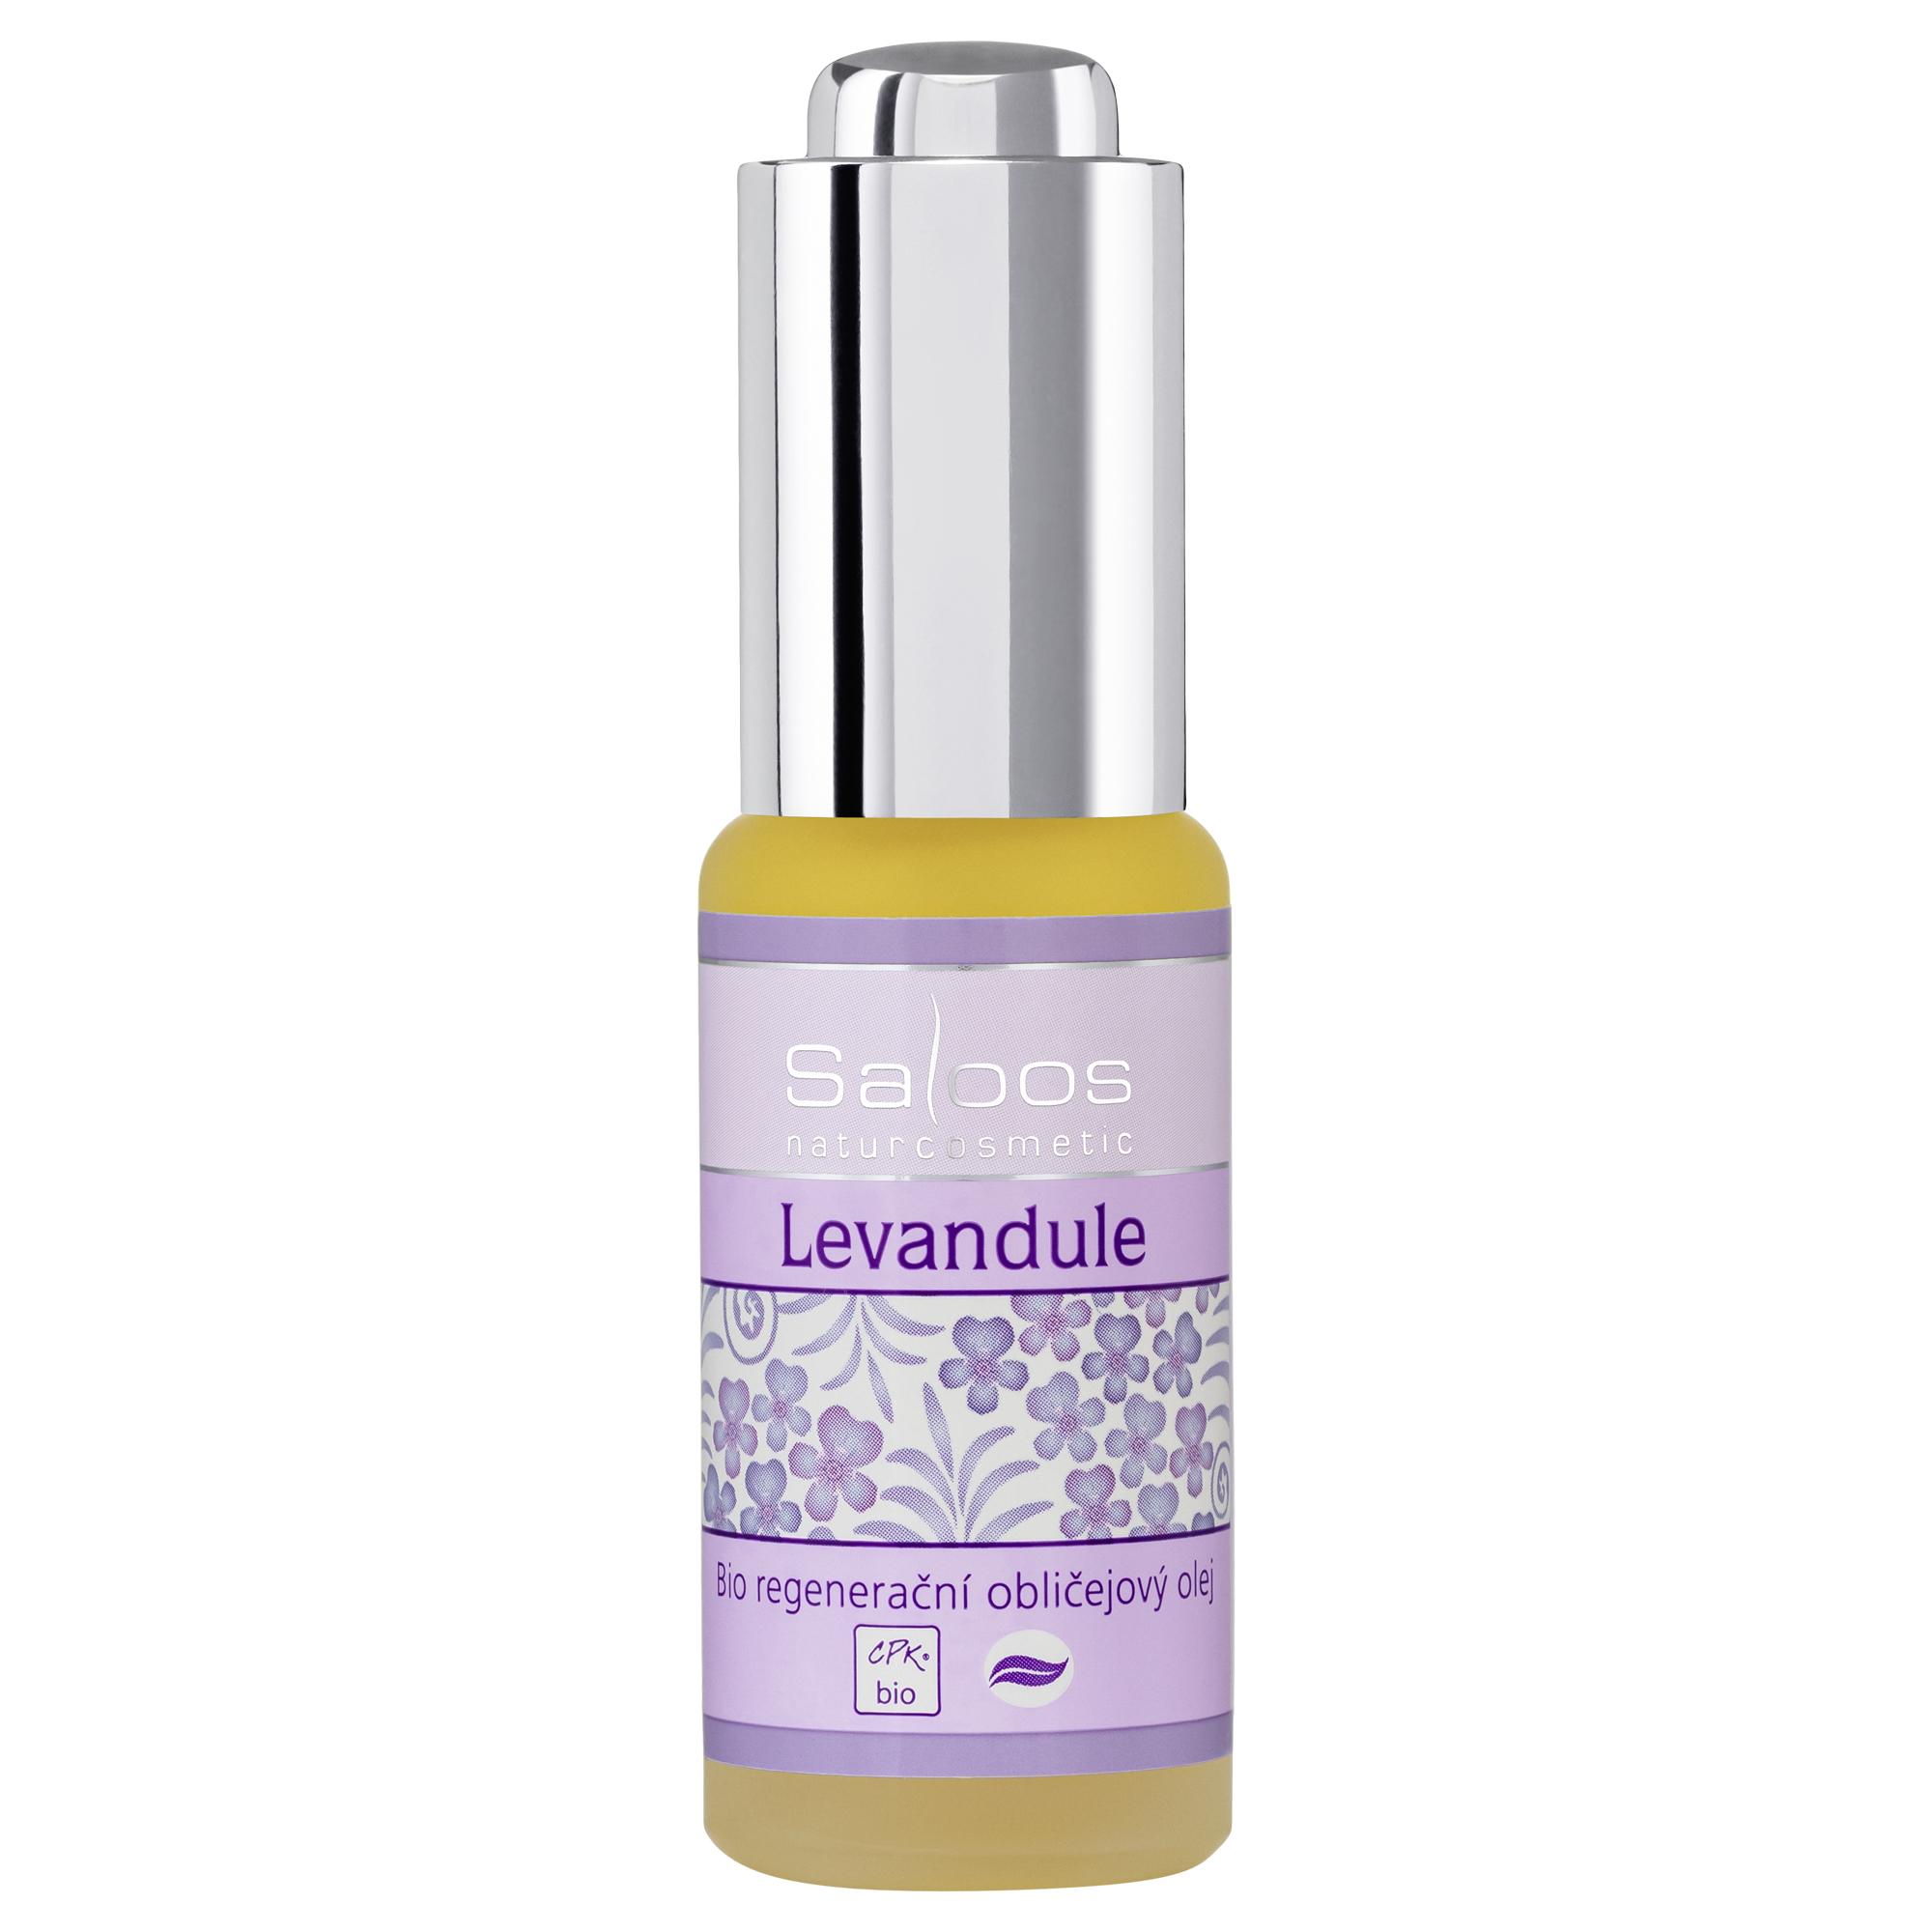 Regenerační obličejový olej LEVANDULE 20ml Saloos